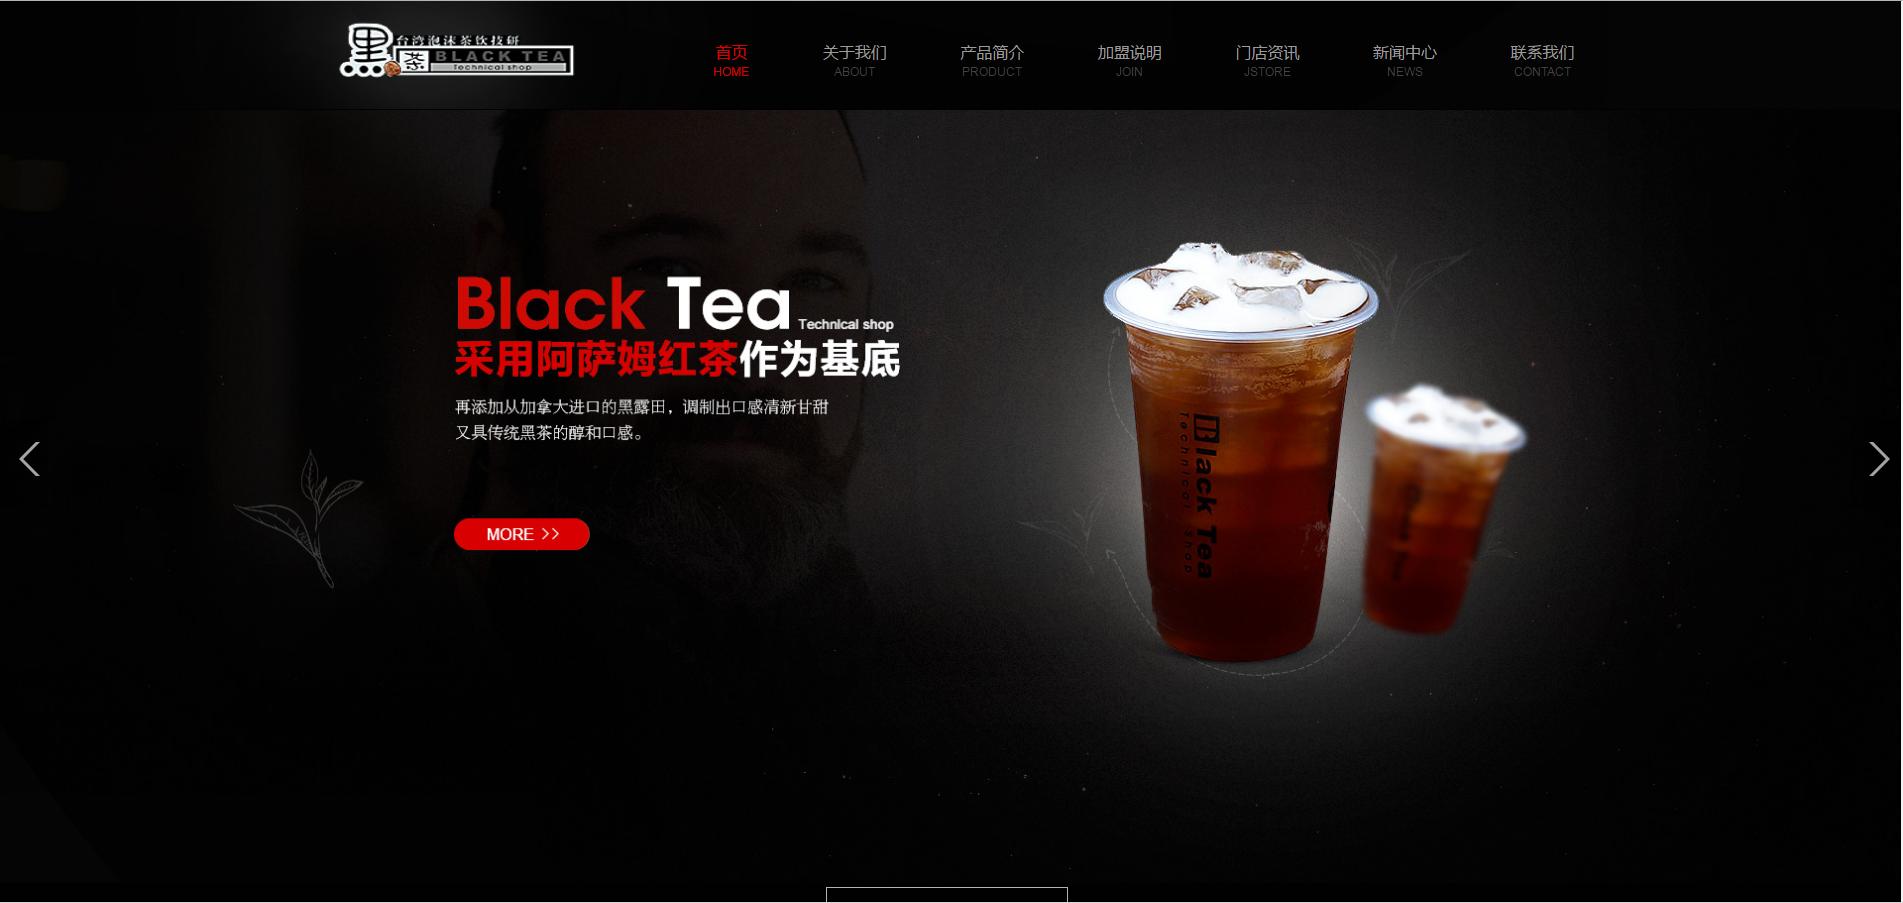 高端黑色的饮料茶公司招商加盟响应式网站模板下